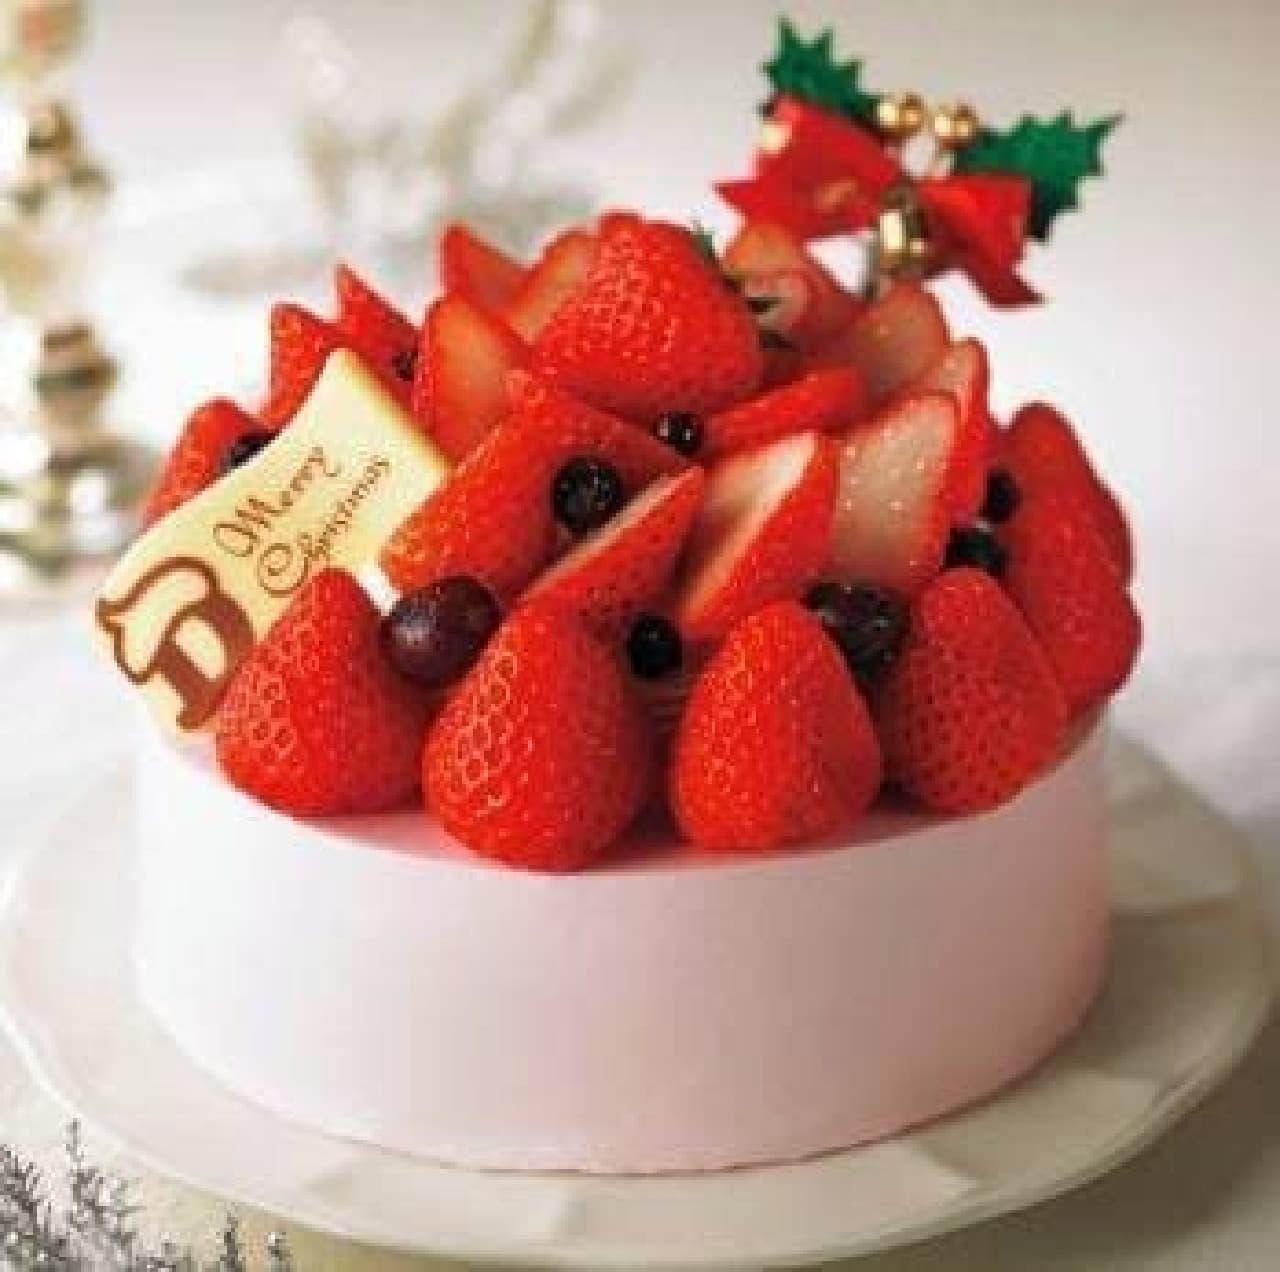 あまおうたっぷり!華やかな「苺のケーキ スペシャルファンタジー」